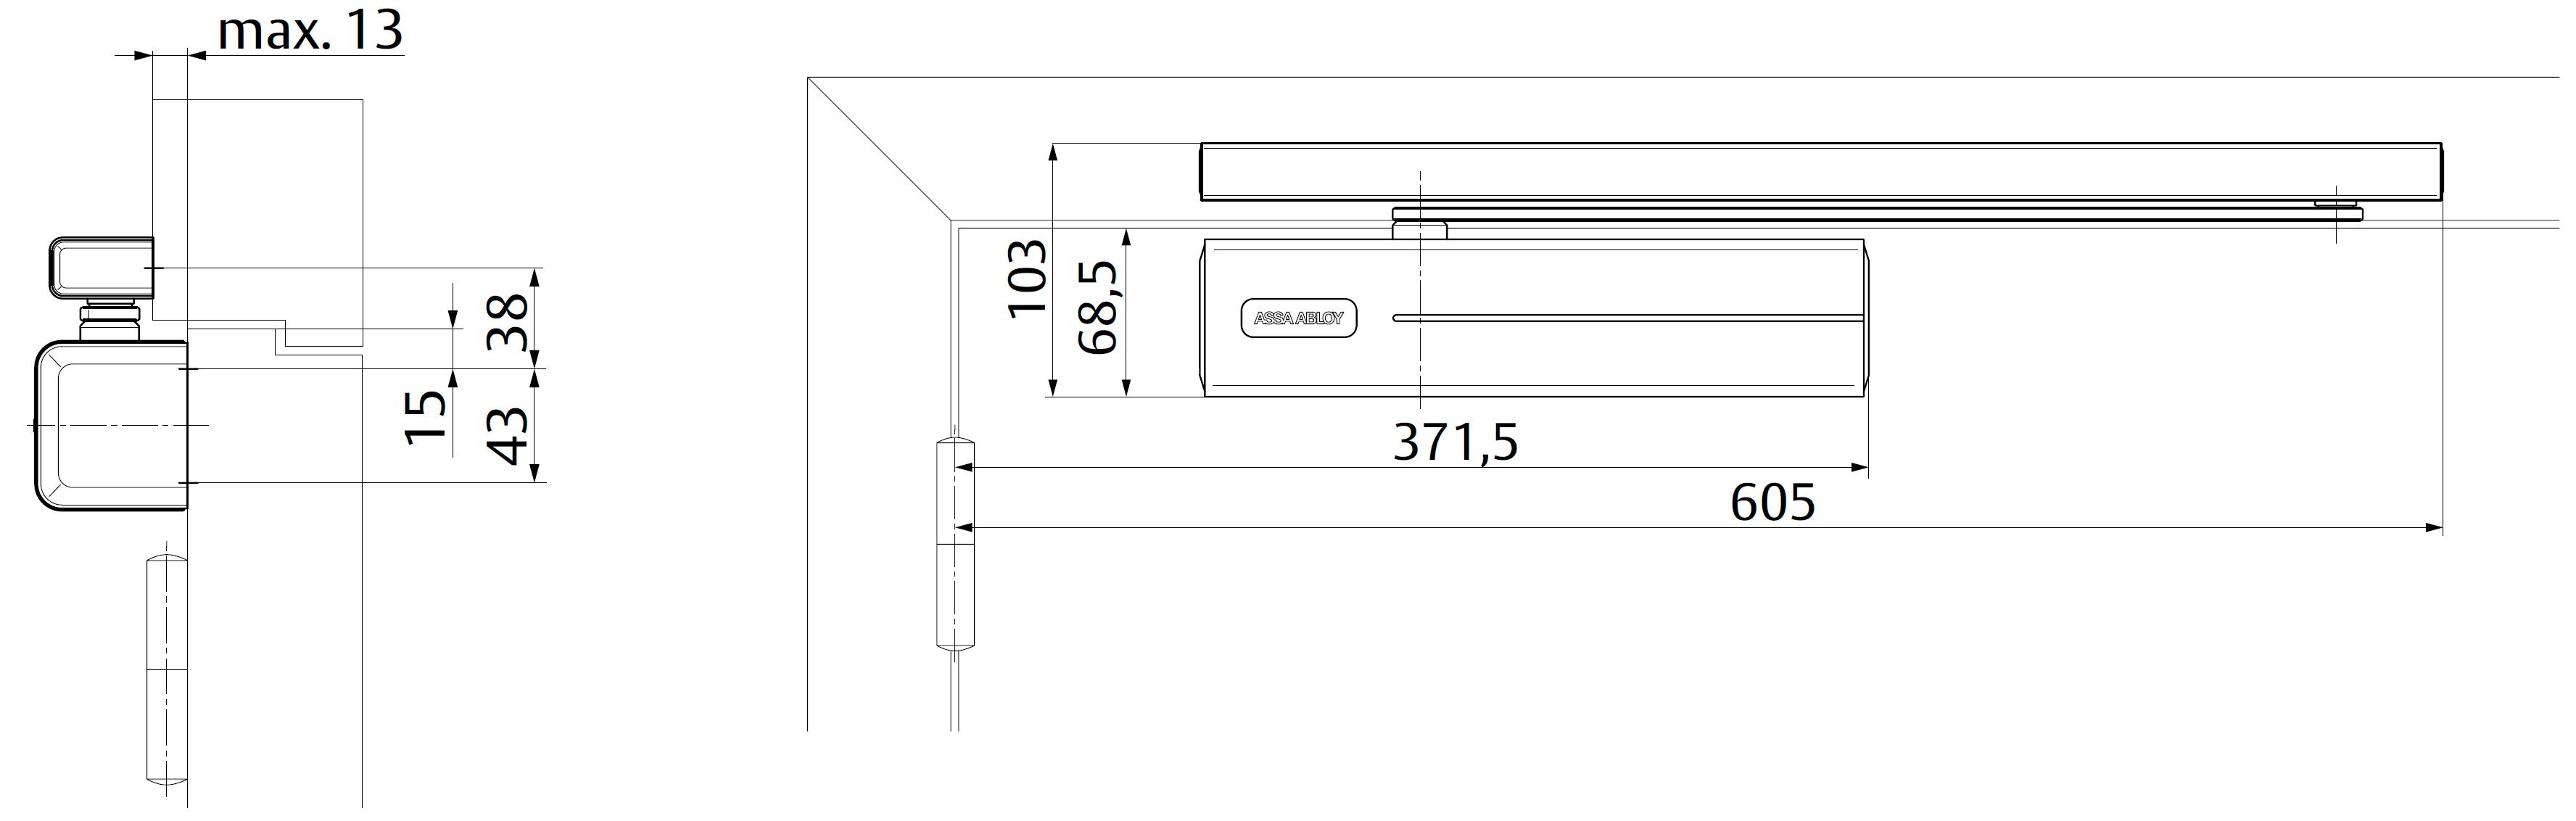 Место необходимое для стандартной установки доводчика DC700 со стороны петель, доводчик на дверное полотно